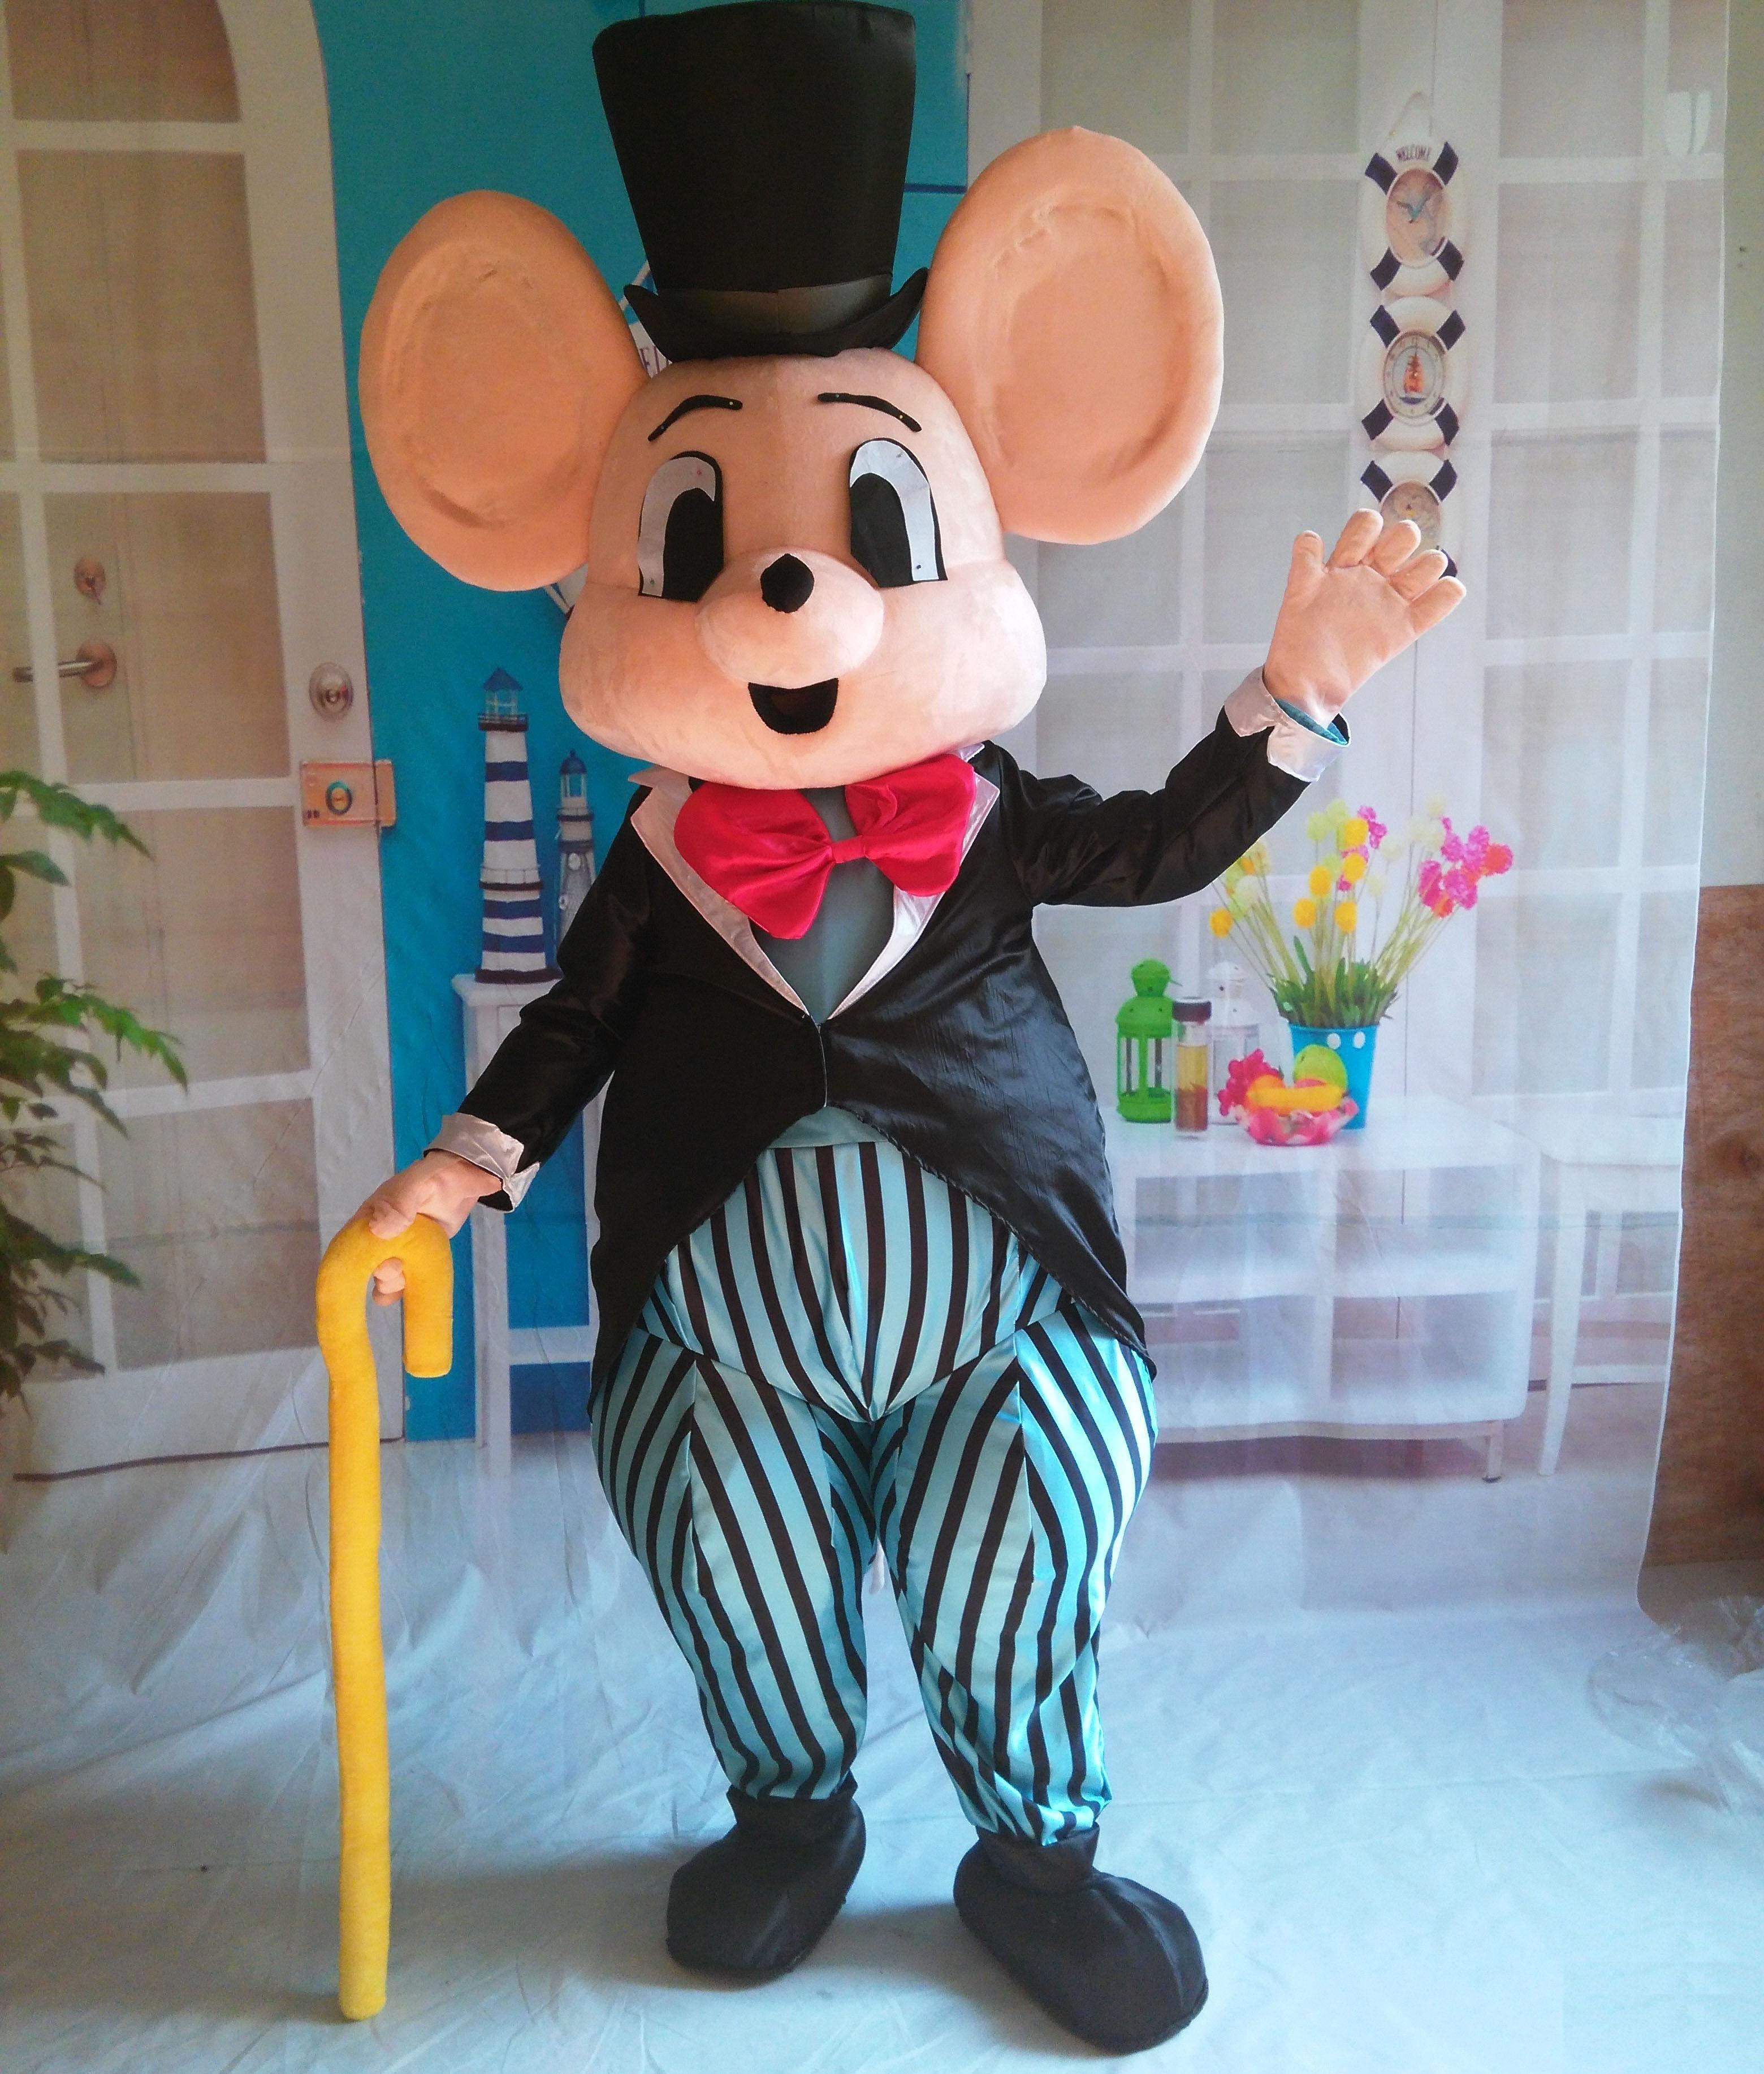 2018 скидка завод продажа хорошее зрение хорошая вентиляция большие уши крыса костюм талисмана взрослый мышь костюм талисмана для продажи